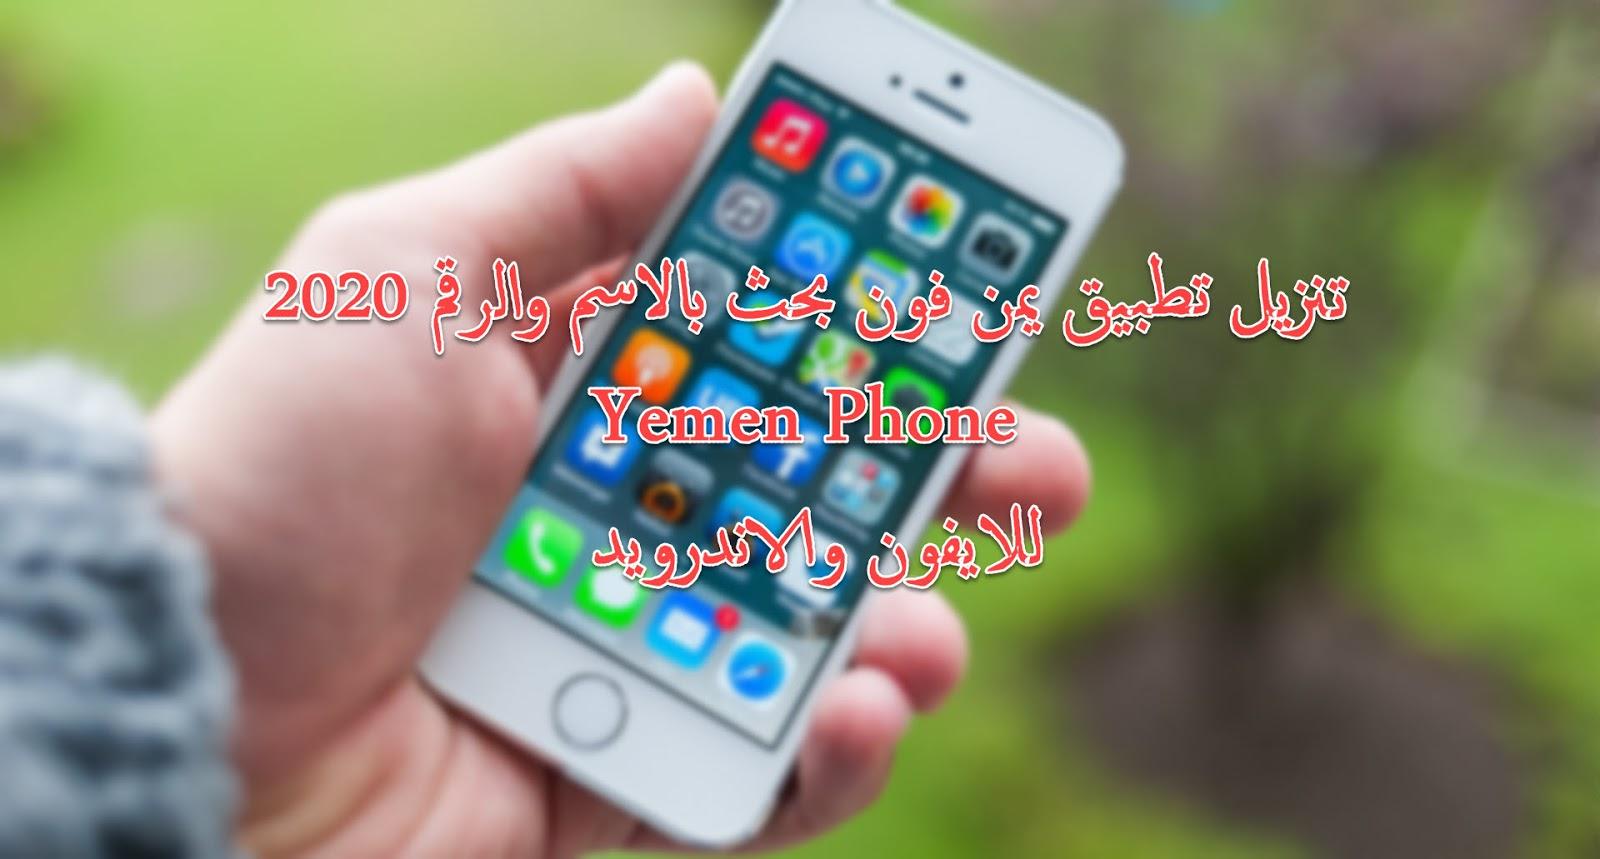 برنامج يمن فون للايفون مجانا